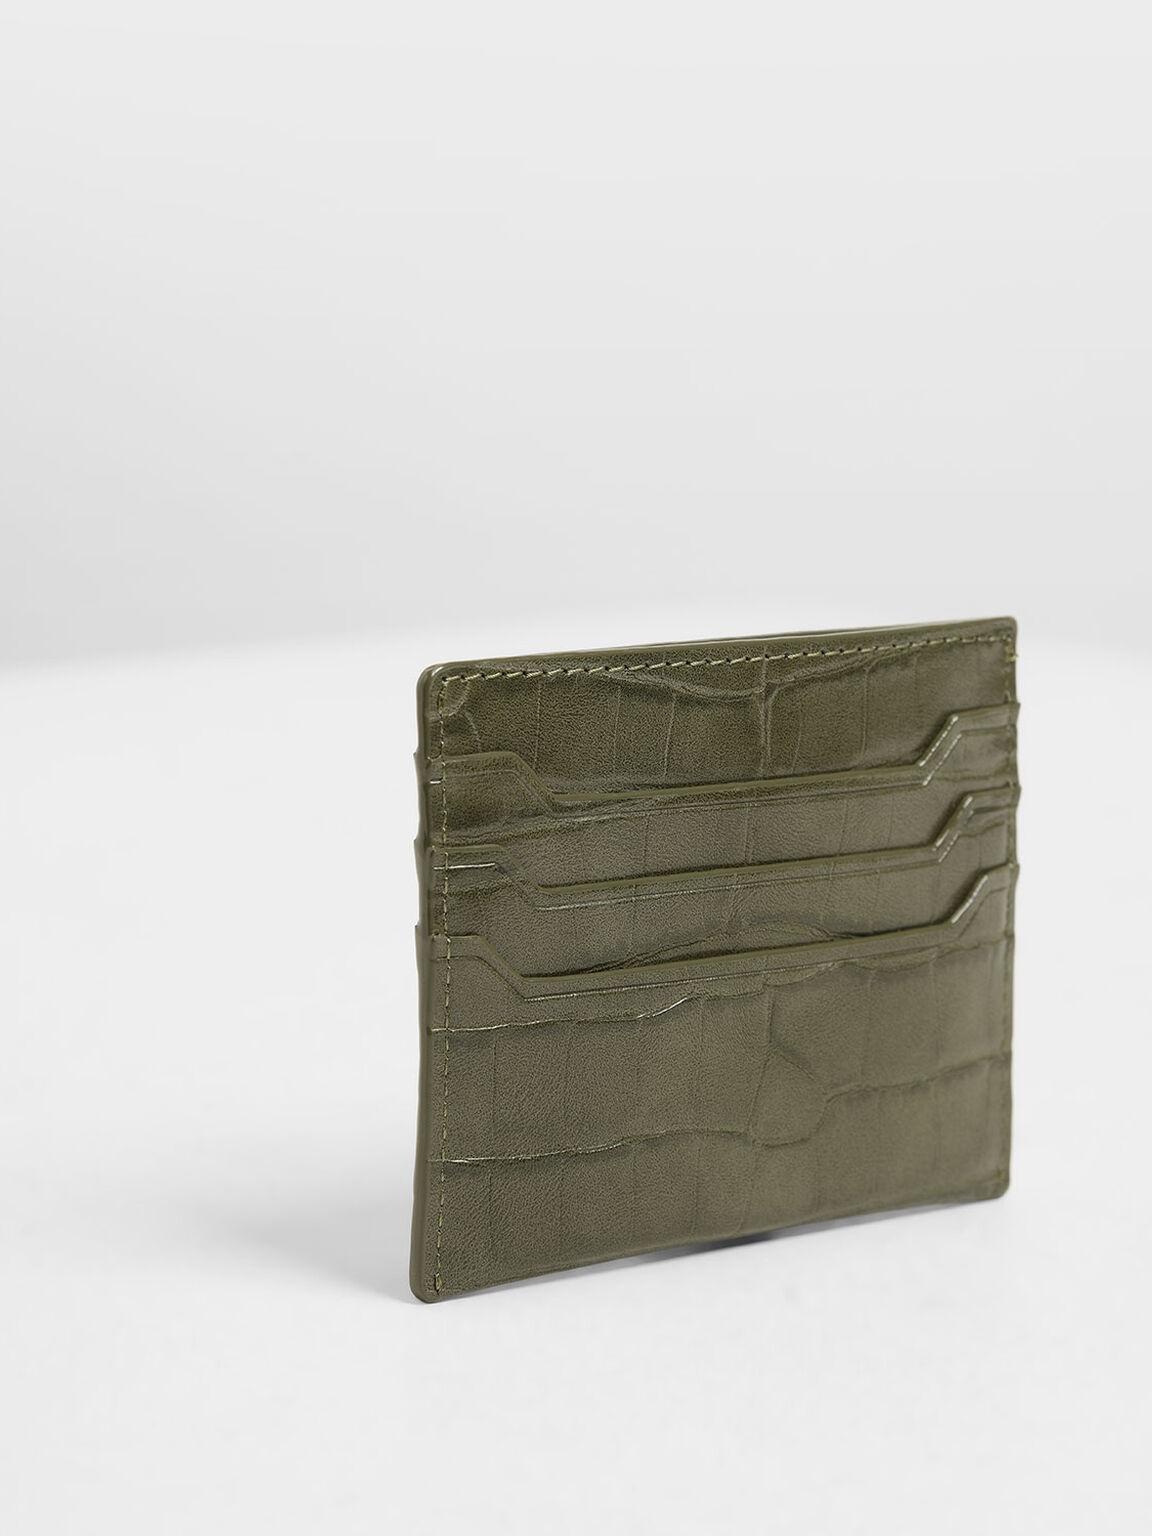 Croc-Effect Card Holder, Olive, hi-res